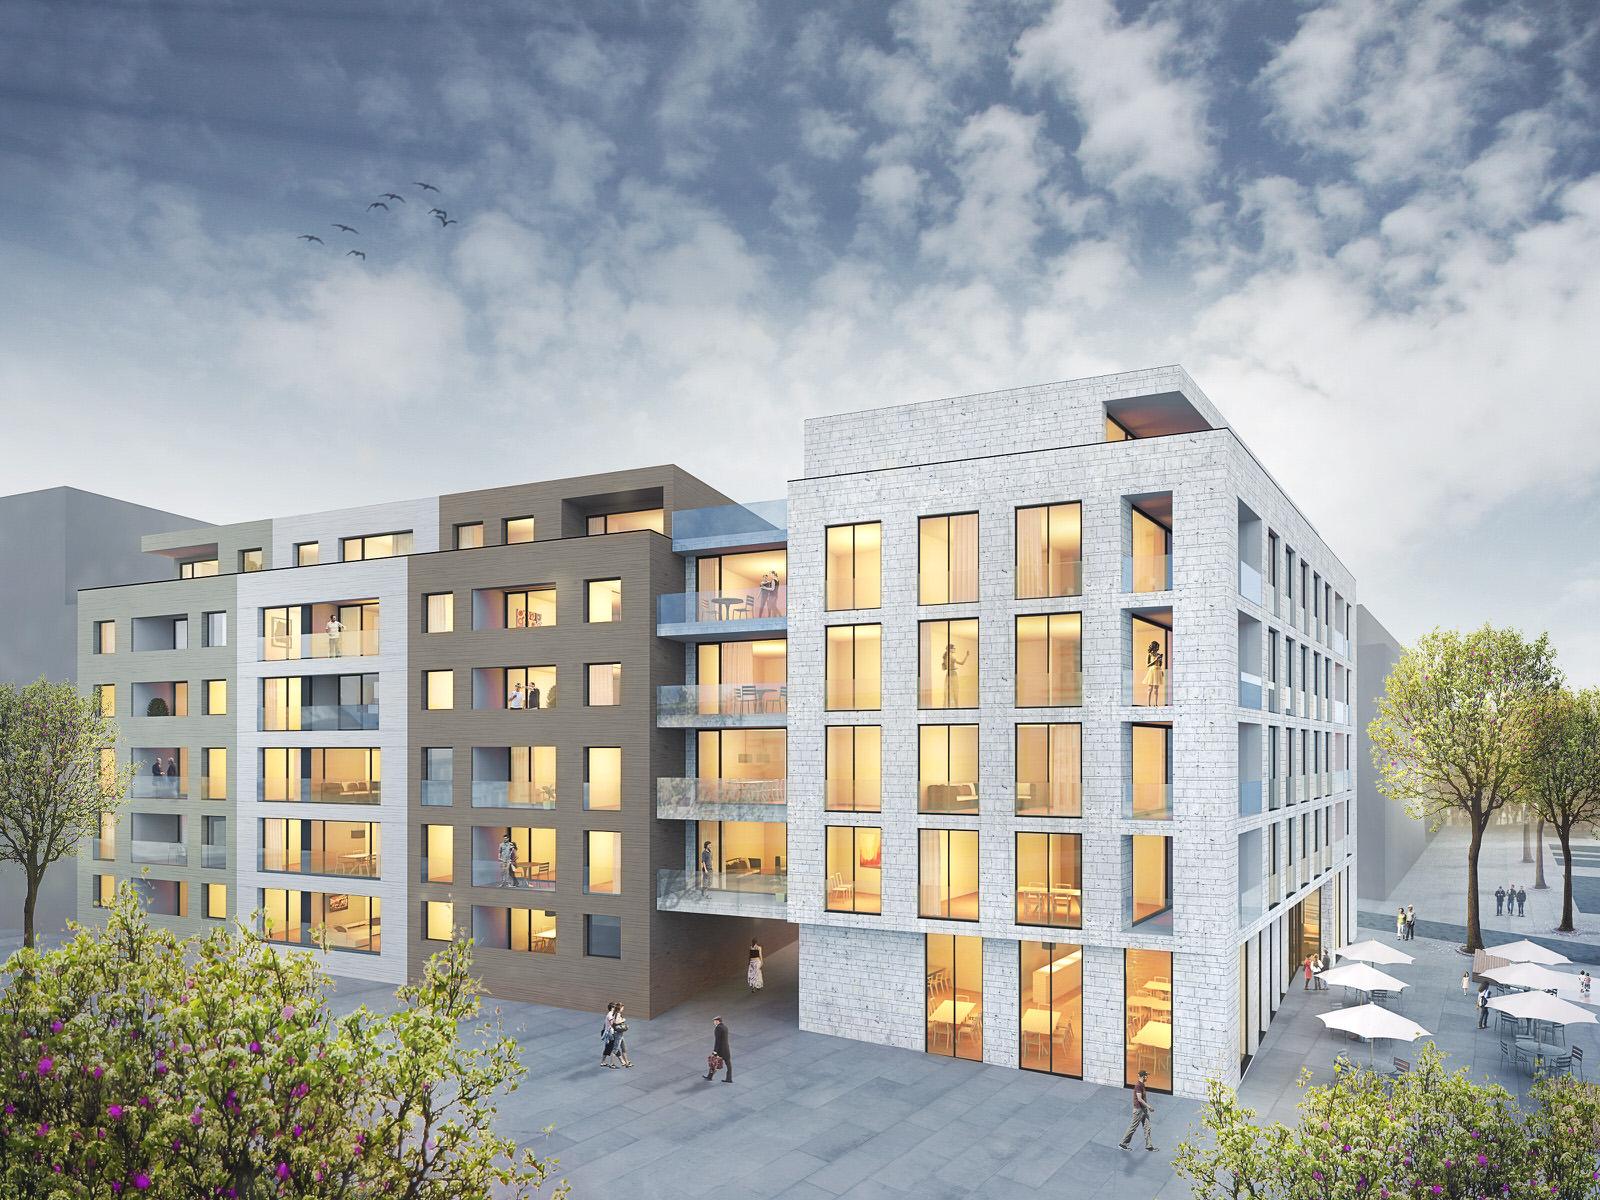 2015-Wohnbebauung Dichterviertel_Ulm